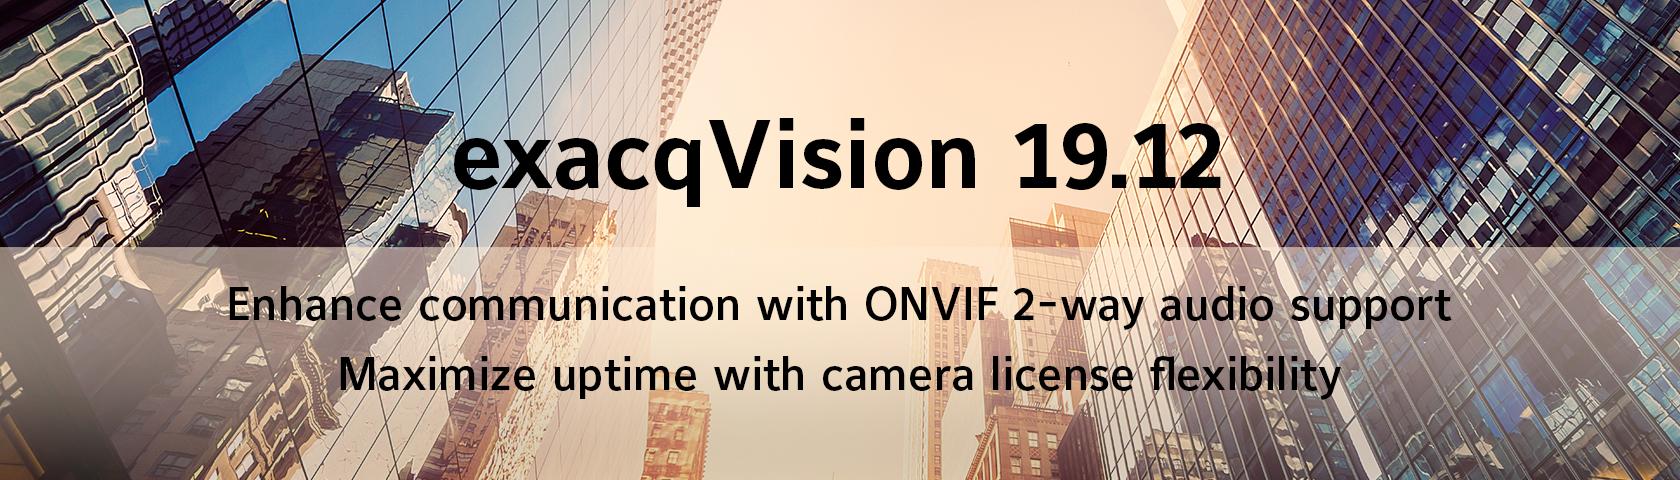 exacqVision 19.12